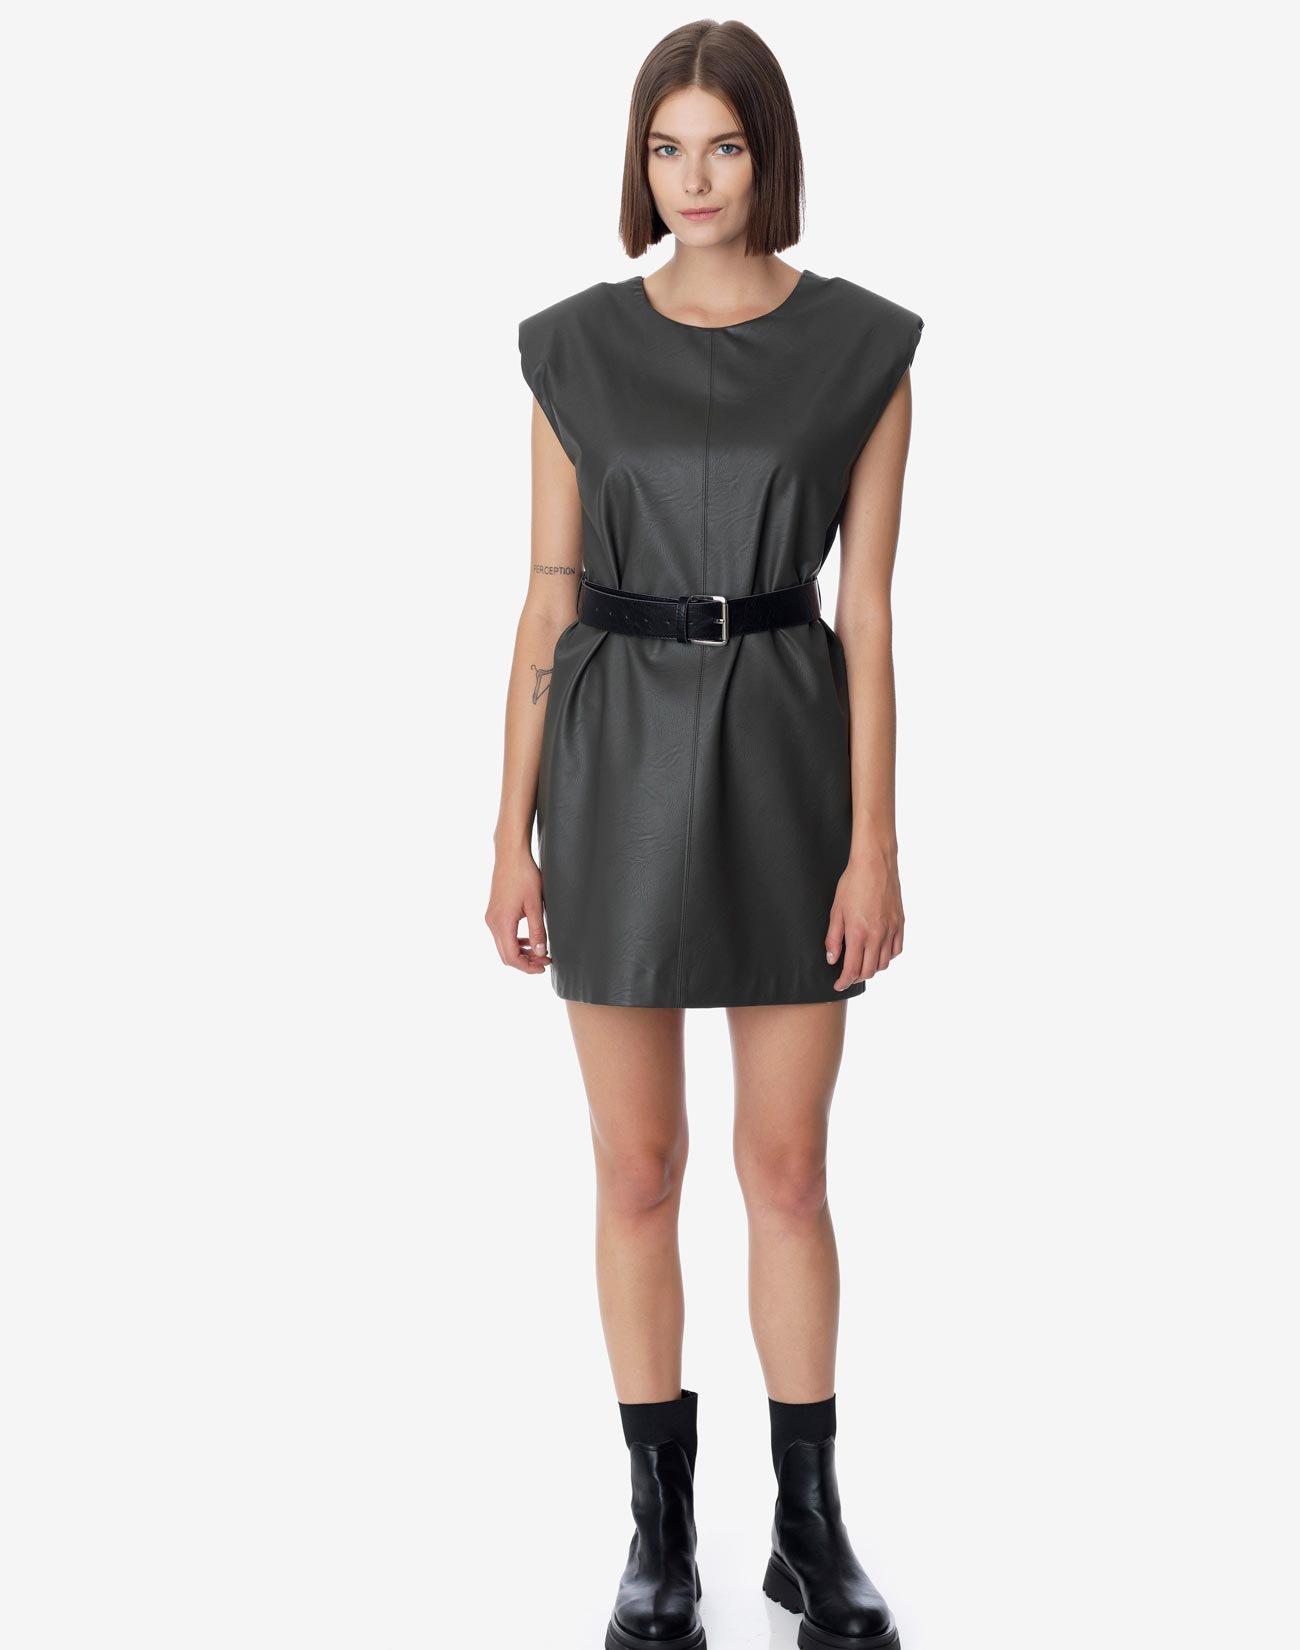 Μίνι φόρεμα δερματίνης με ζώνη